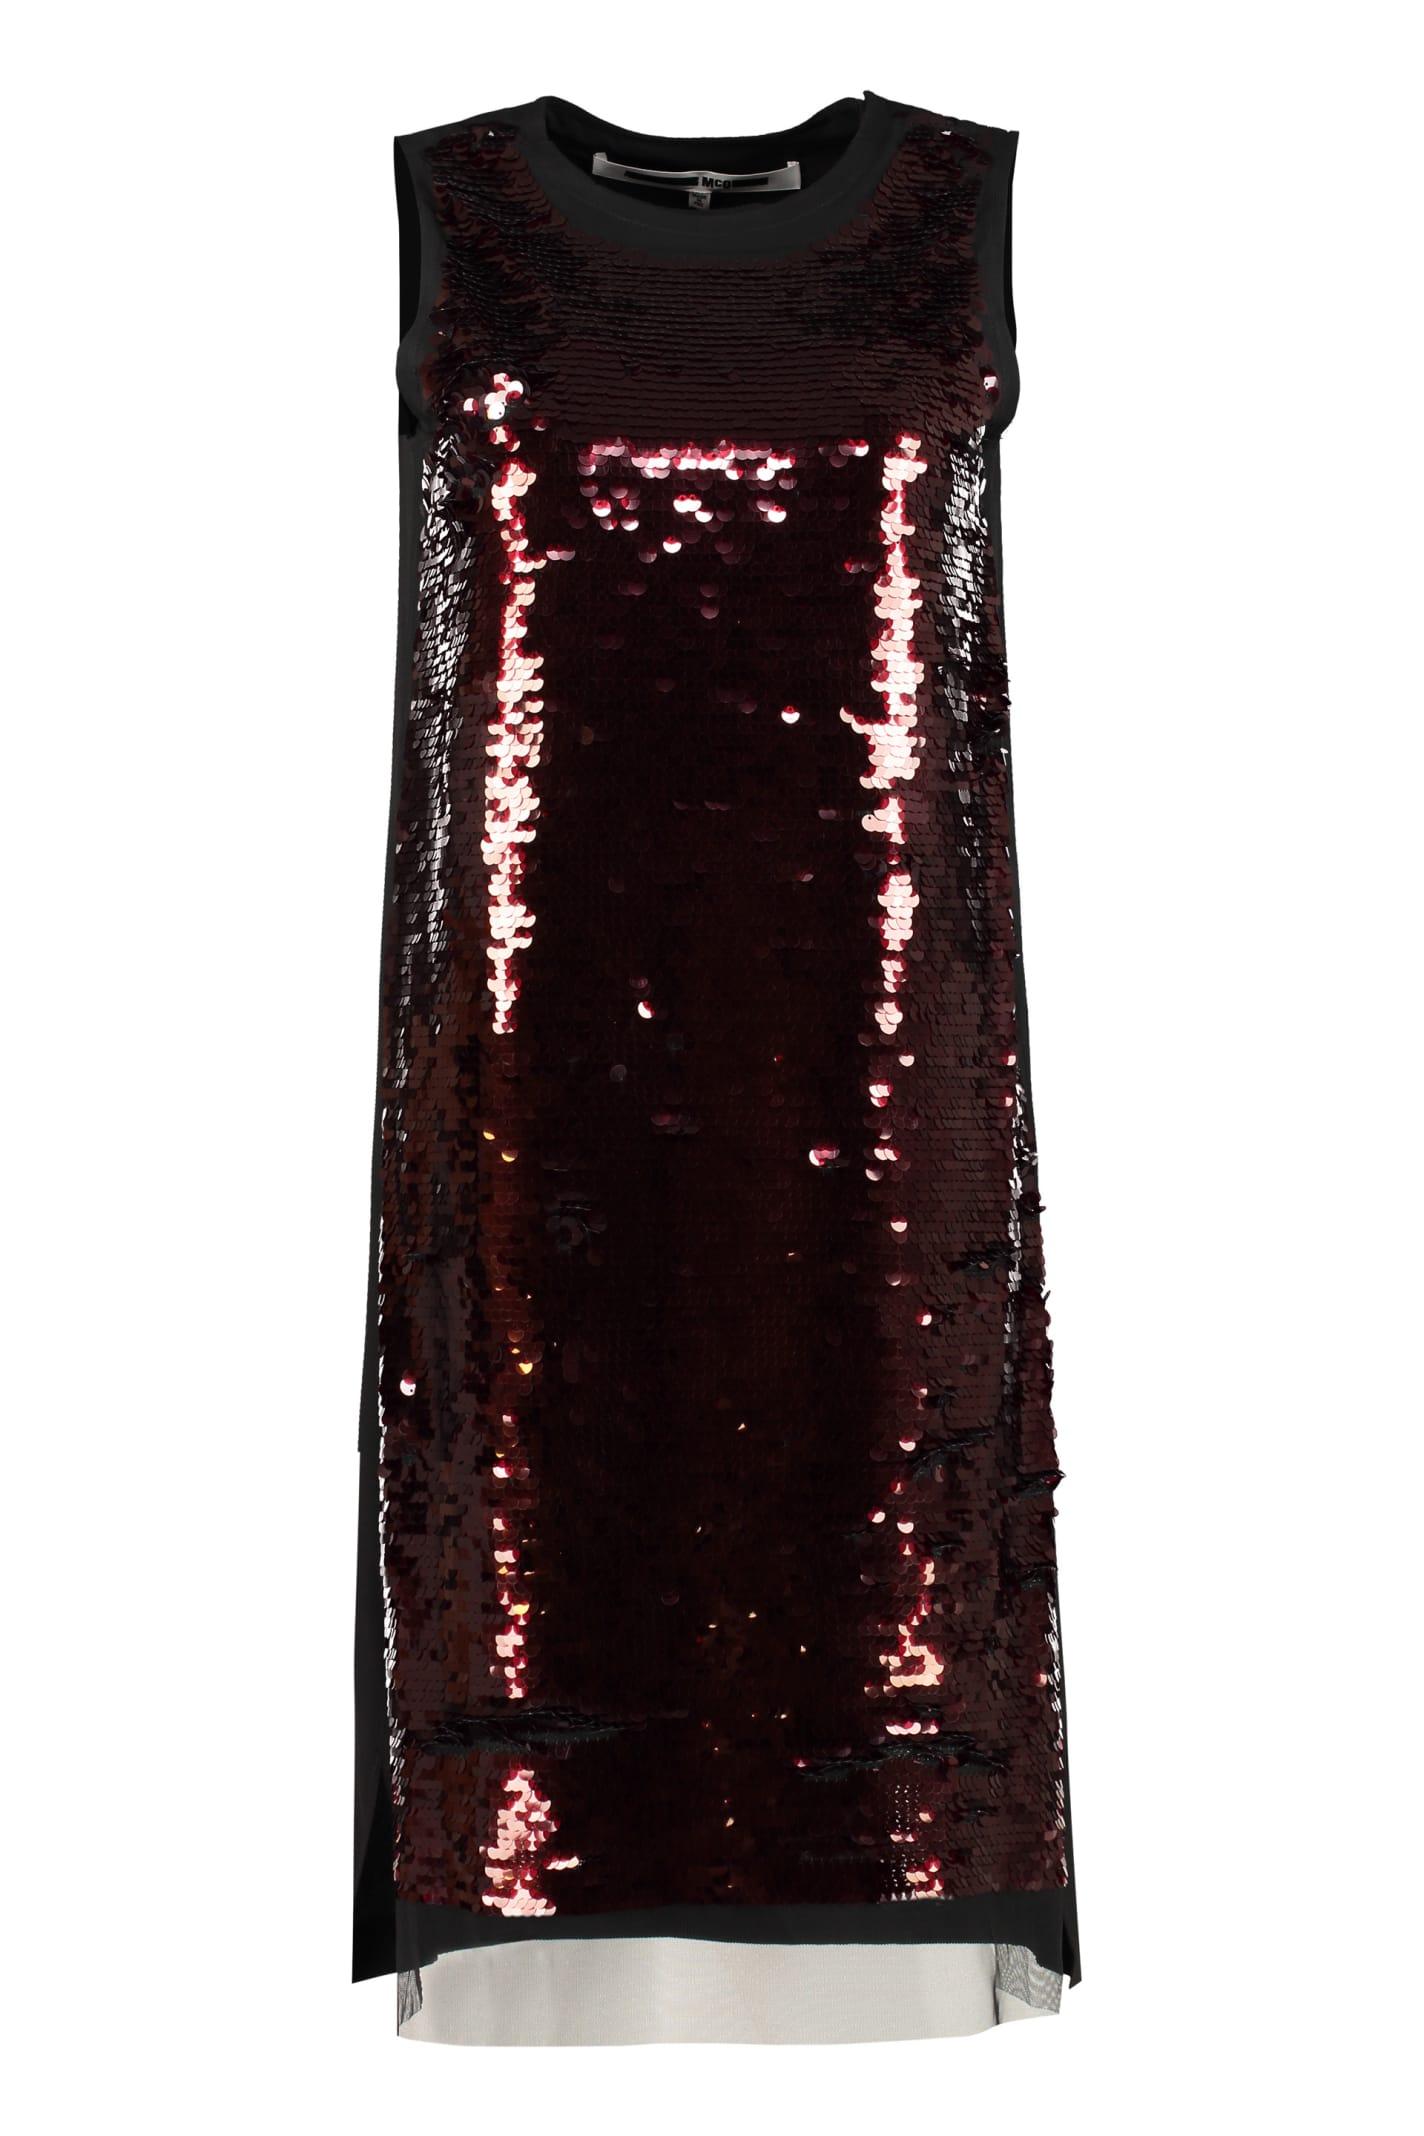 Buy McQ Alexander McQueen Sequin Dress online, shop McQ Alexander McQueen with free shipping